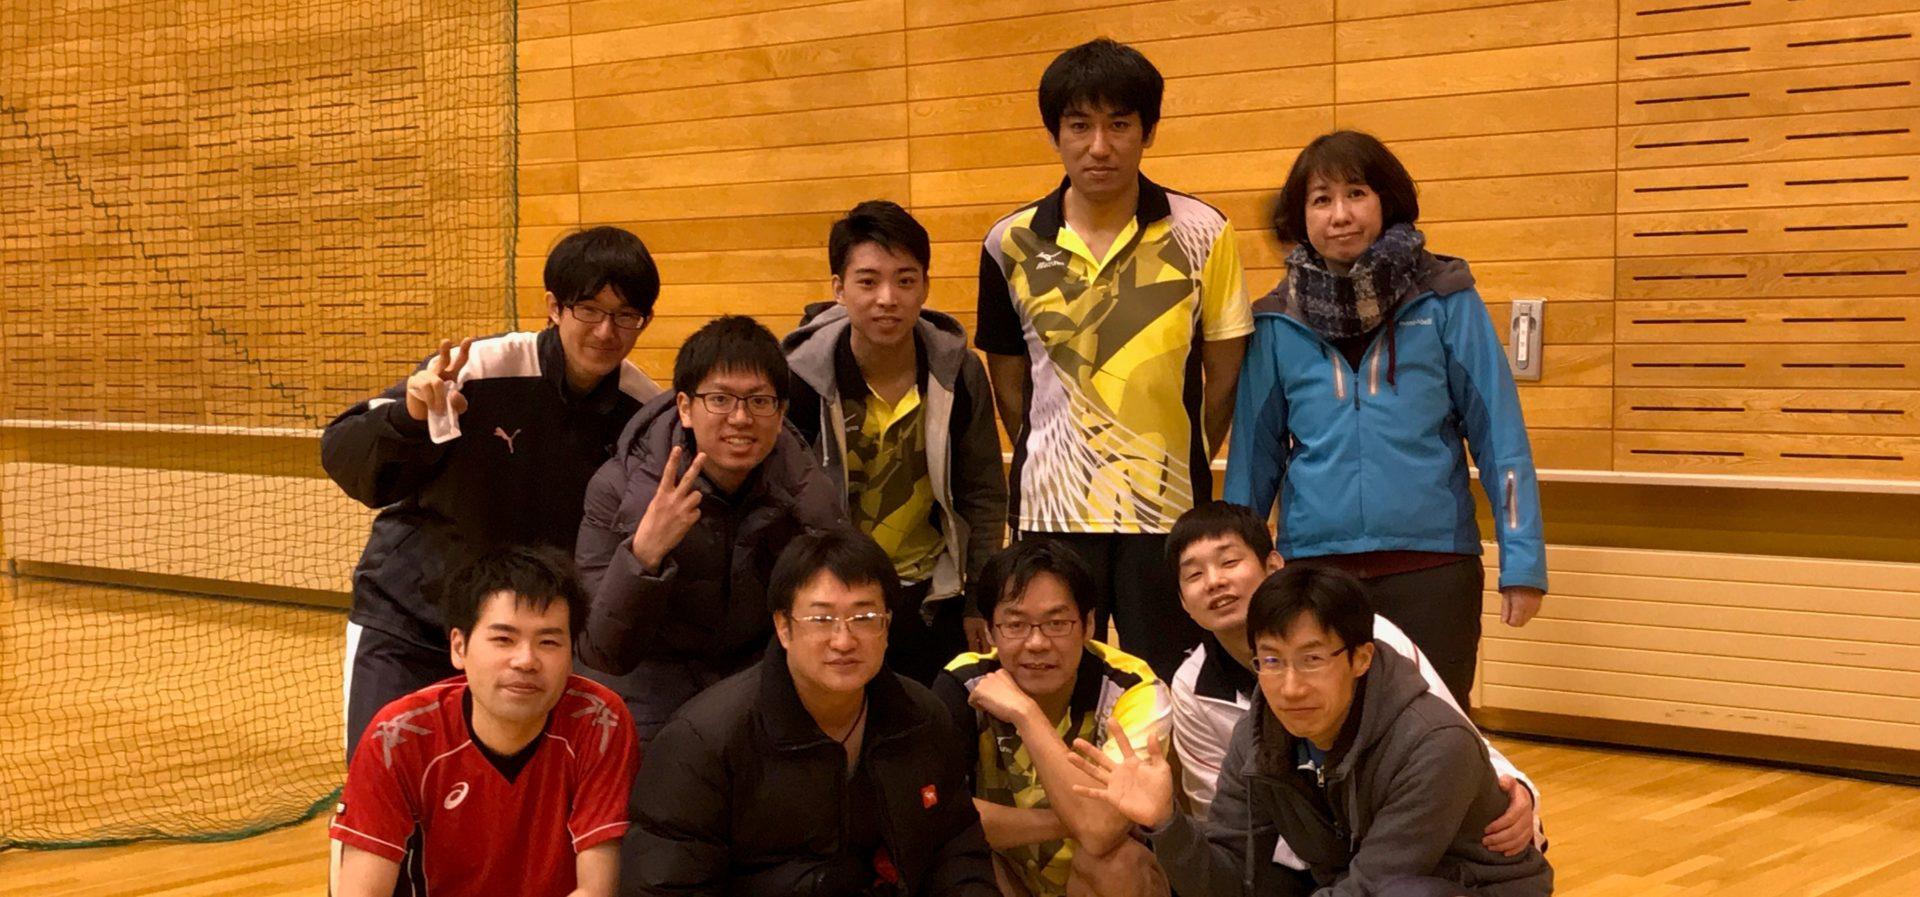 第199回 春光卓球大会(2019年7月28日)